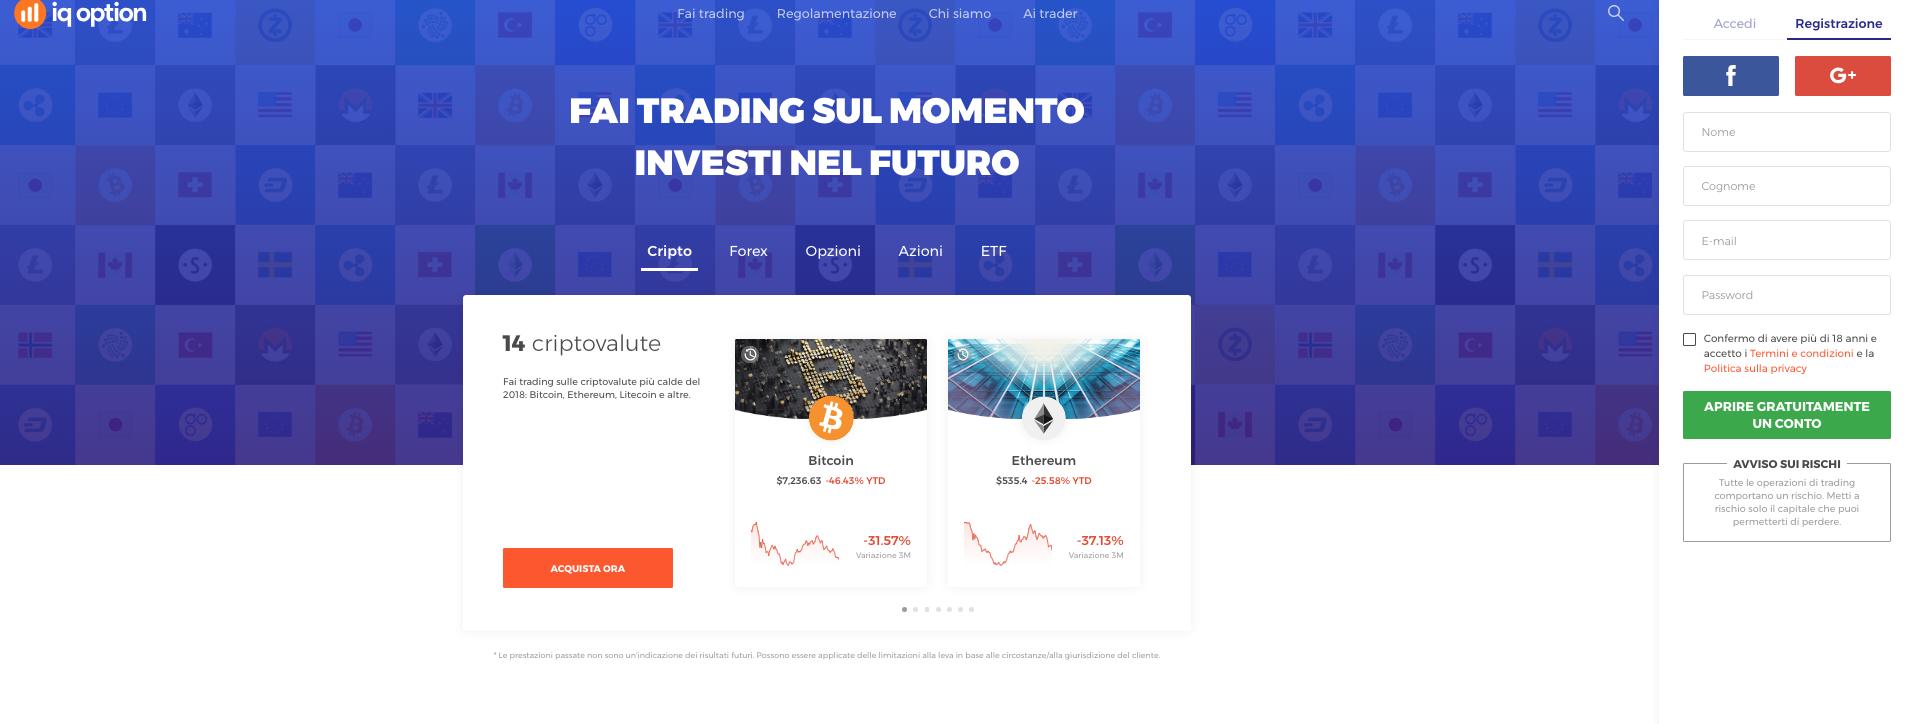 Guida Trading Bitcoin con iQ option: Tipologie di investimento